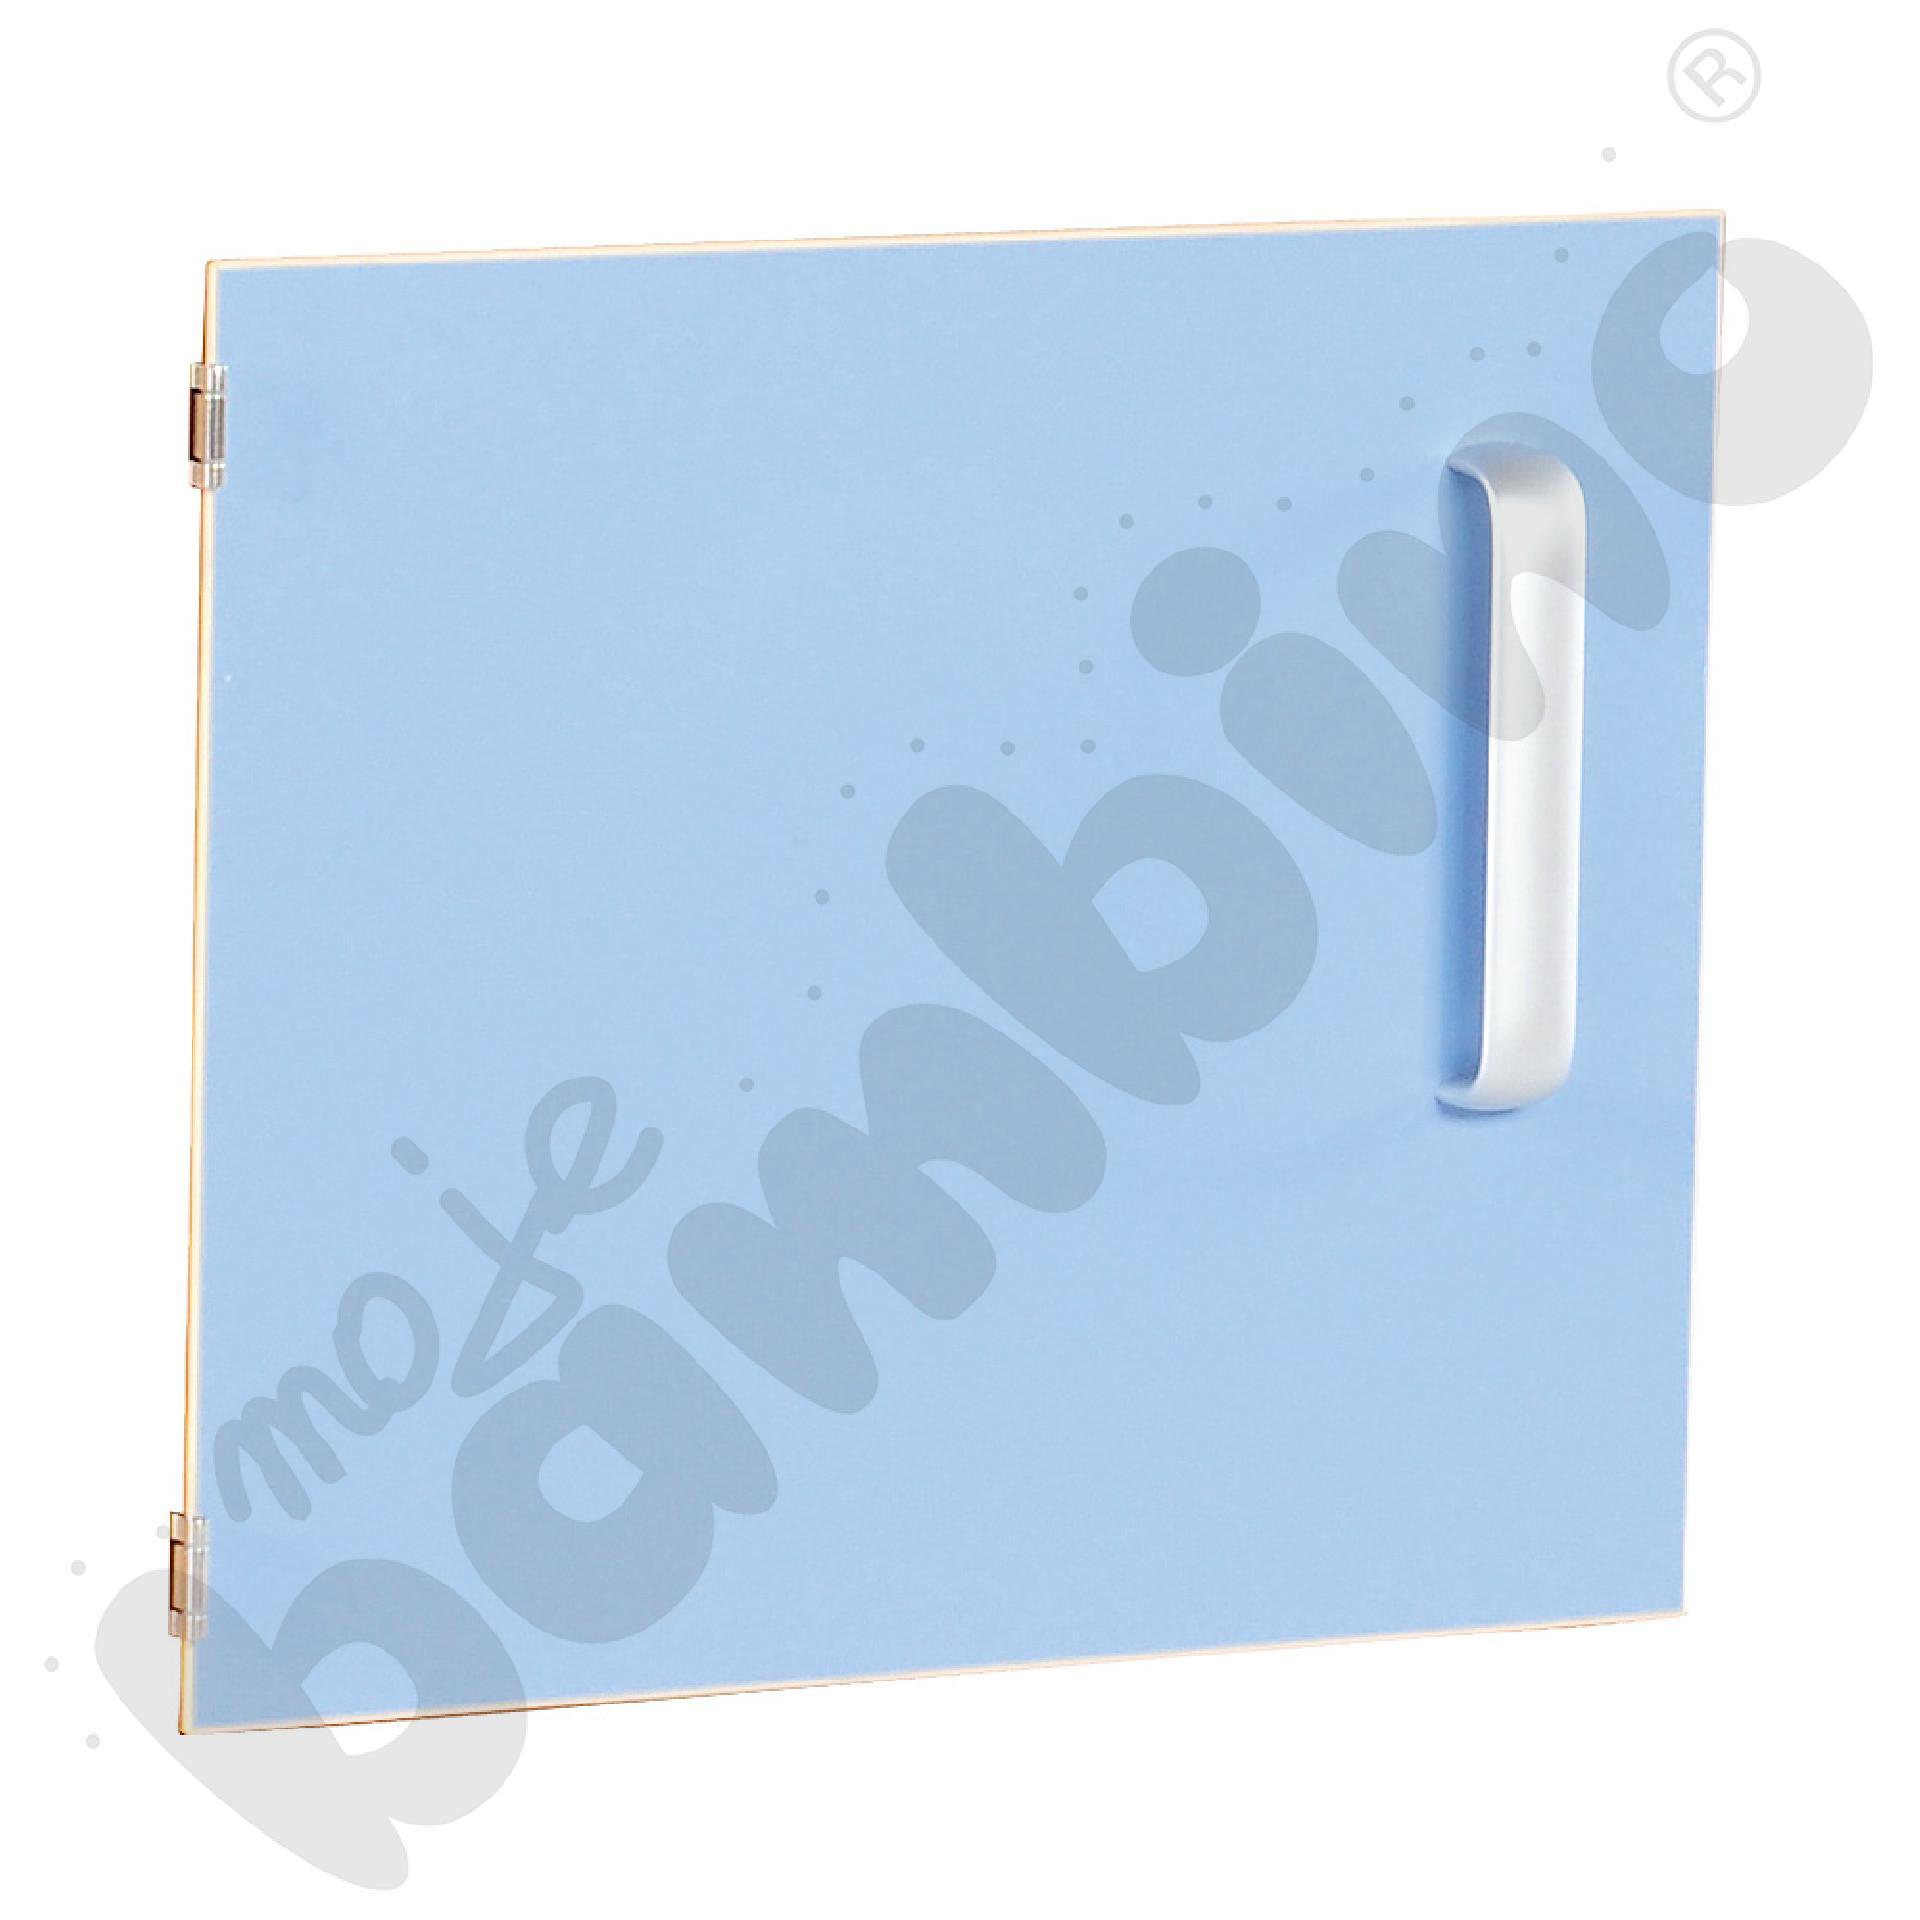 Drzwiczki do szafki M z przegrodą lewe - jasnoniebieskie